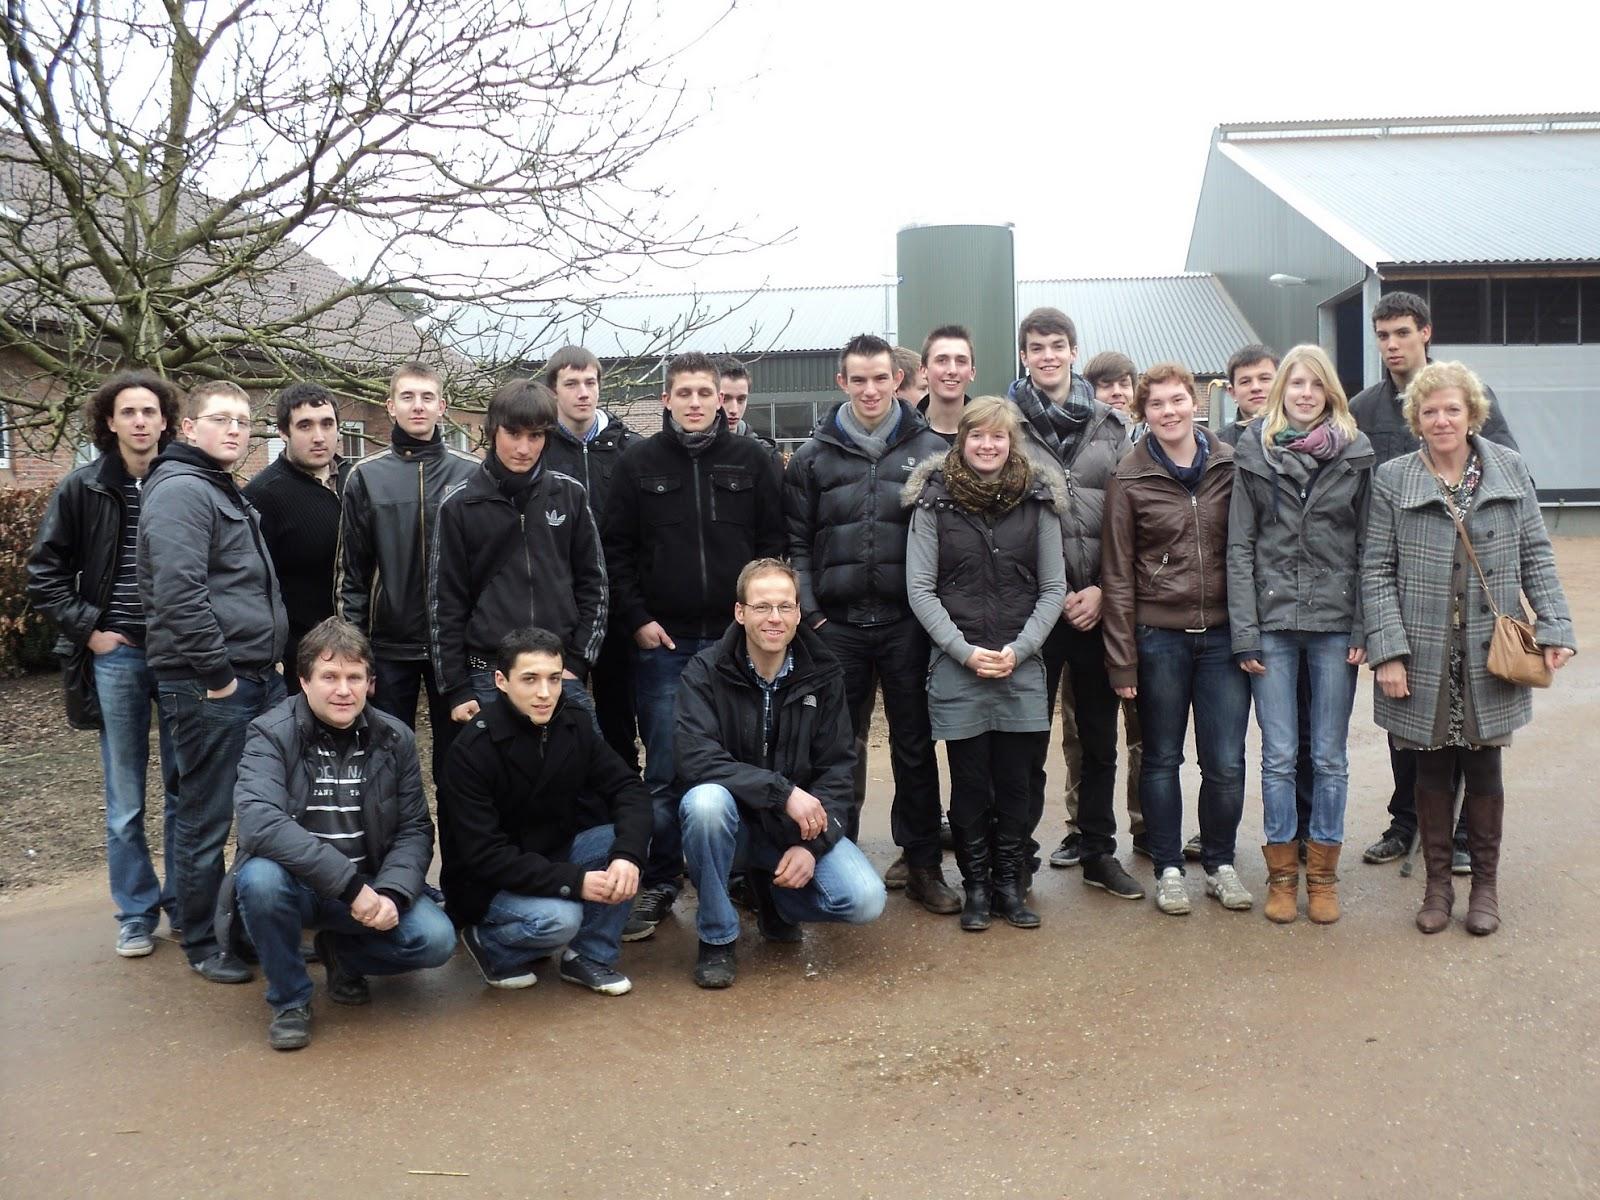 cfaa 47  6 apprentis agricoles en flandre du 18  02 au 10  03  2012  photo de groupe avec nos amis